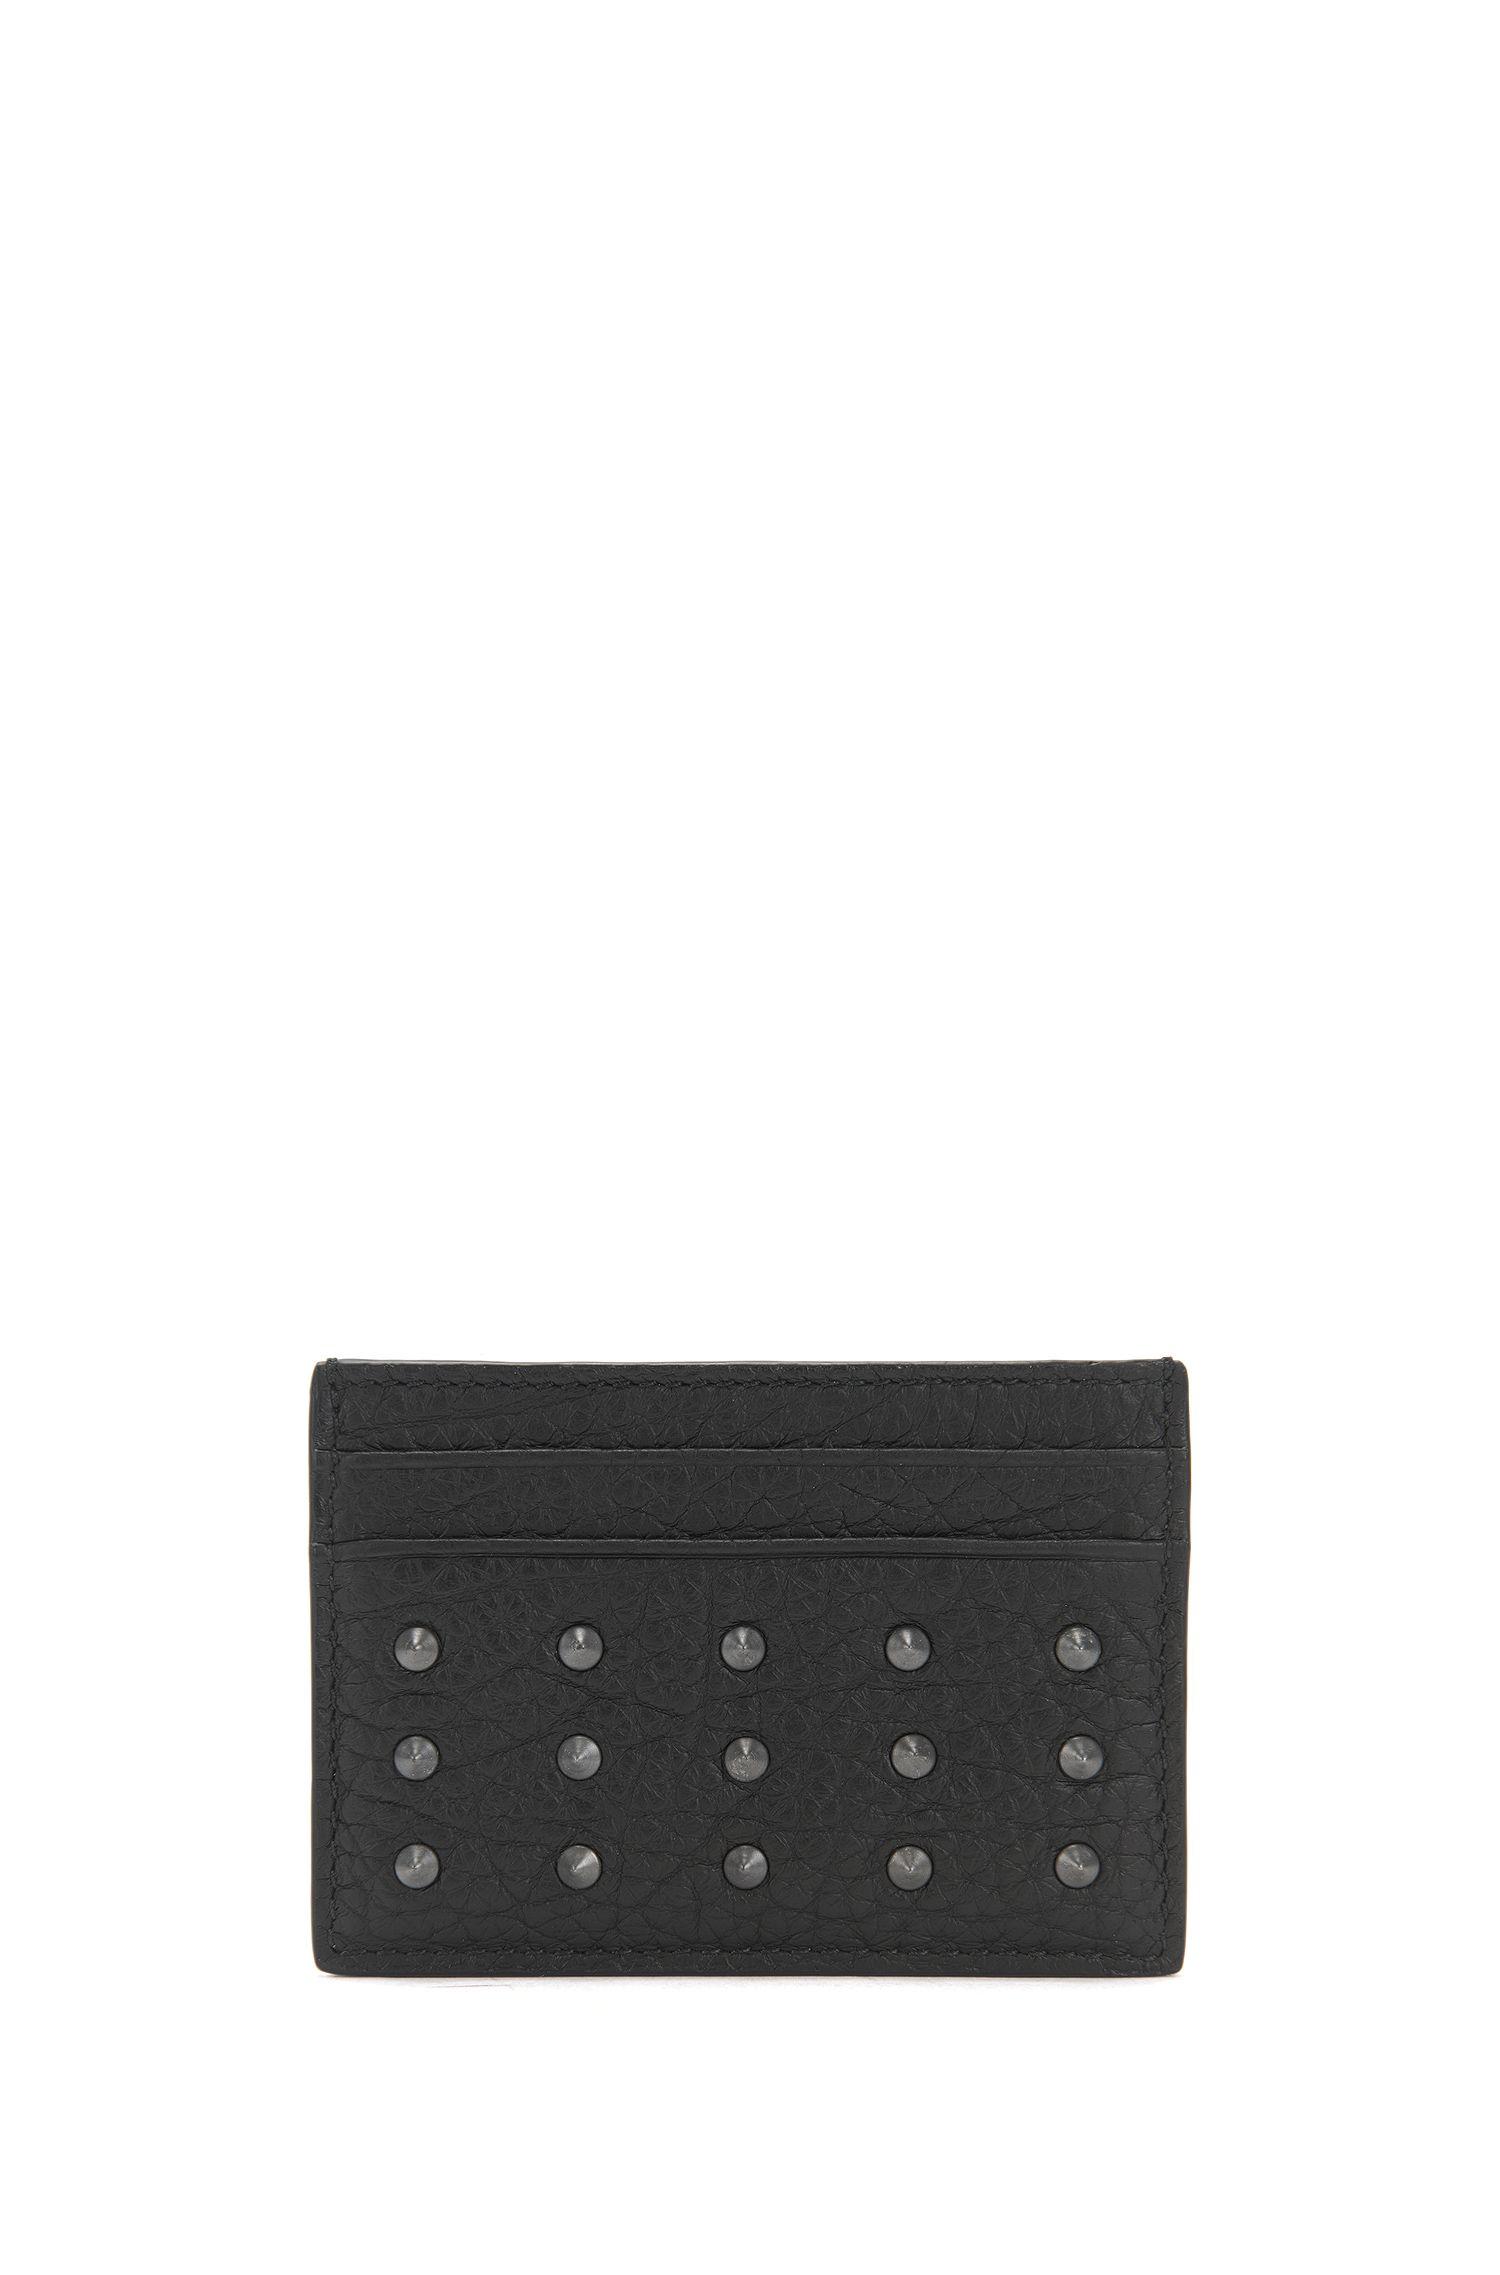 Porte-cartes en cuir texturé à clous cqN3K32